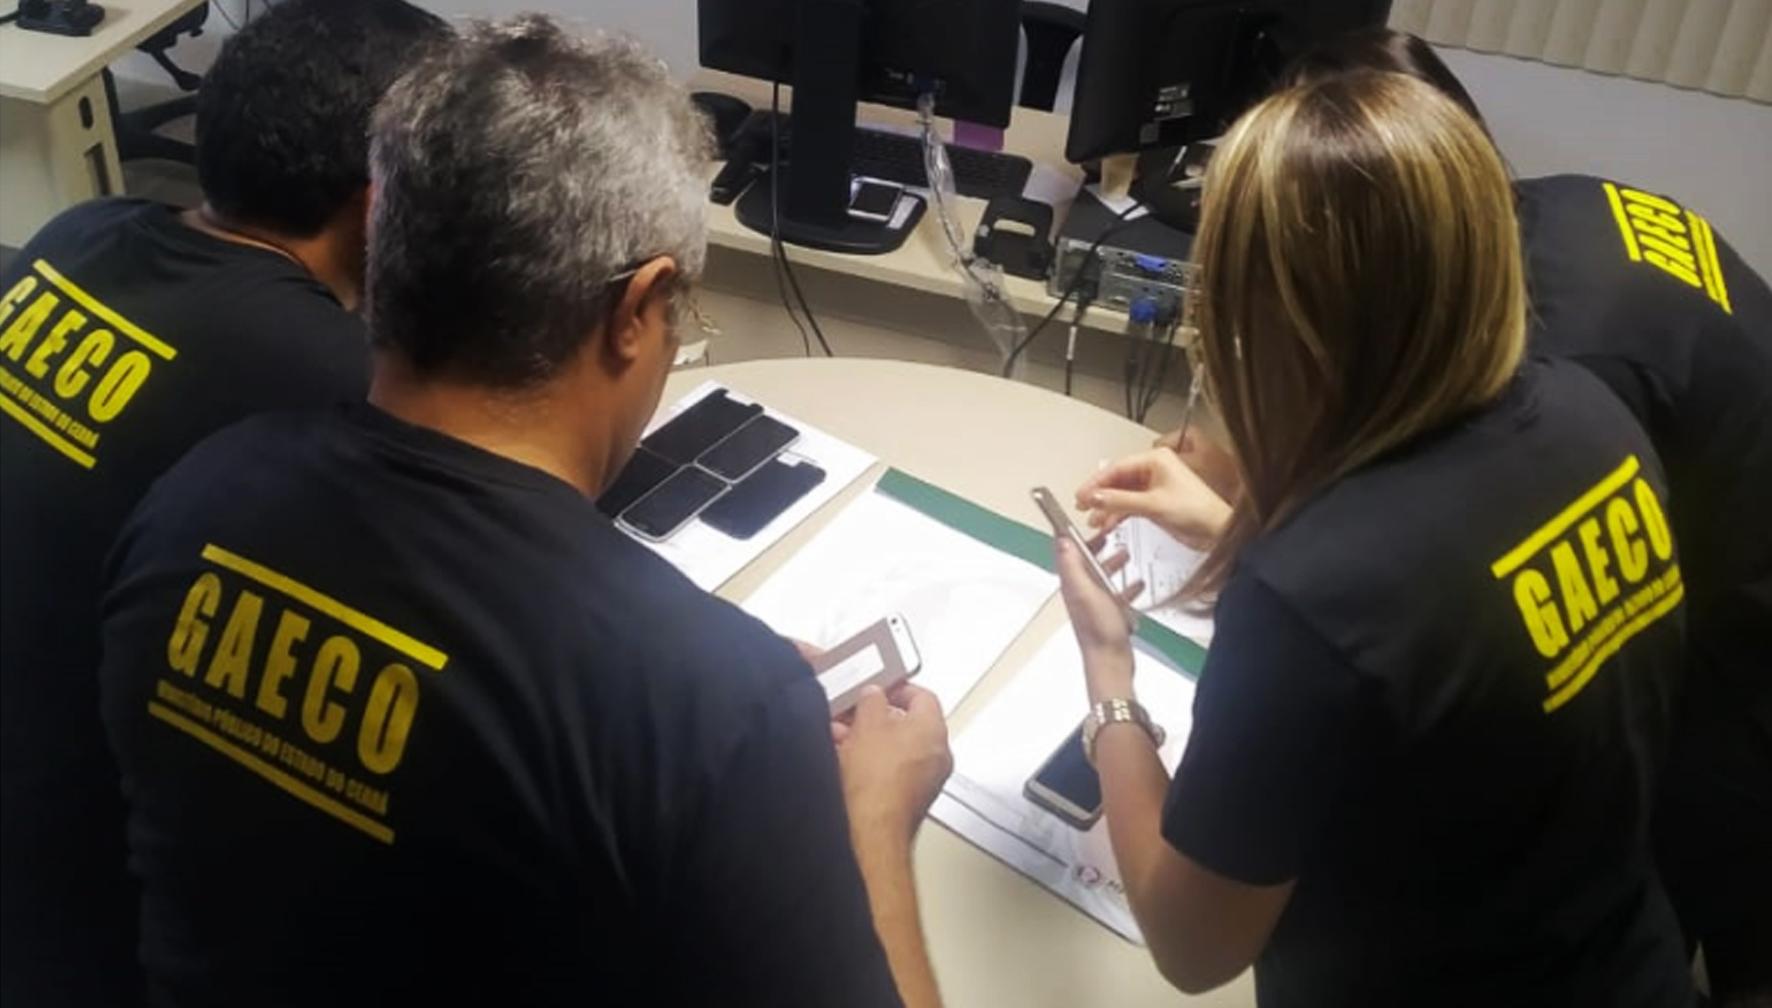 Ministério Público deflagra operação contra membros de facção criminosa que atuava na Região Metropolitana de Fortaleza